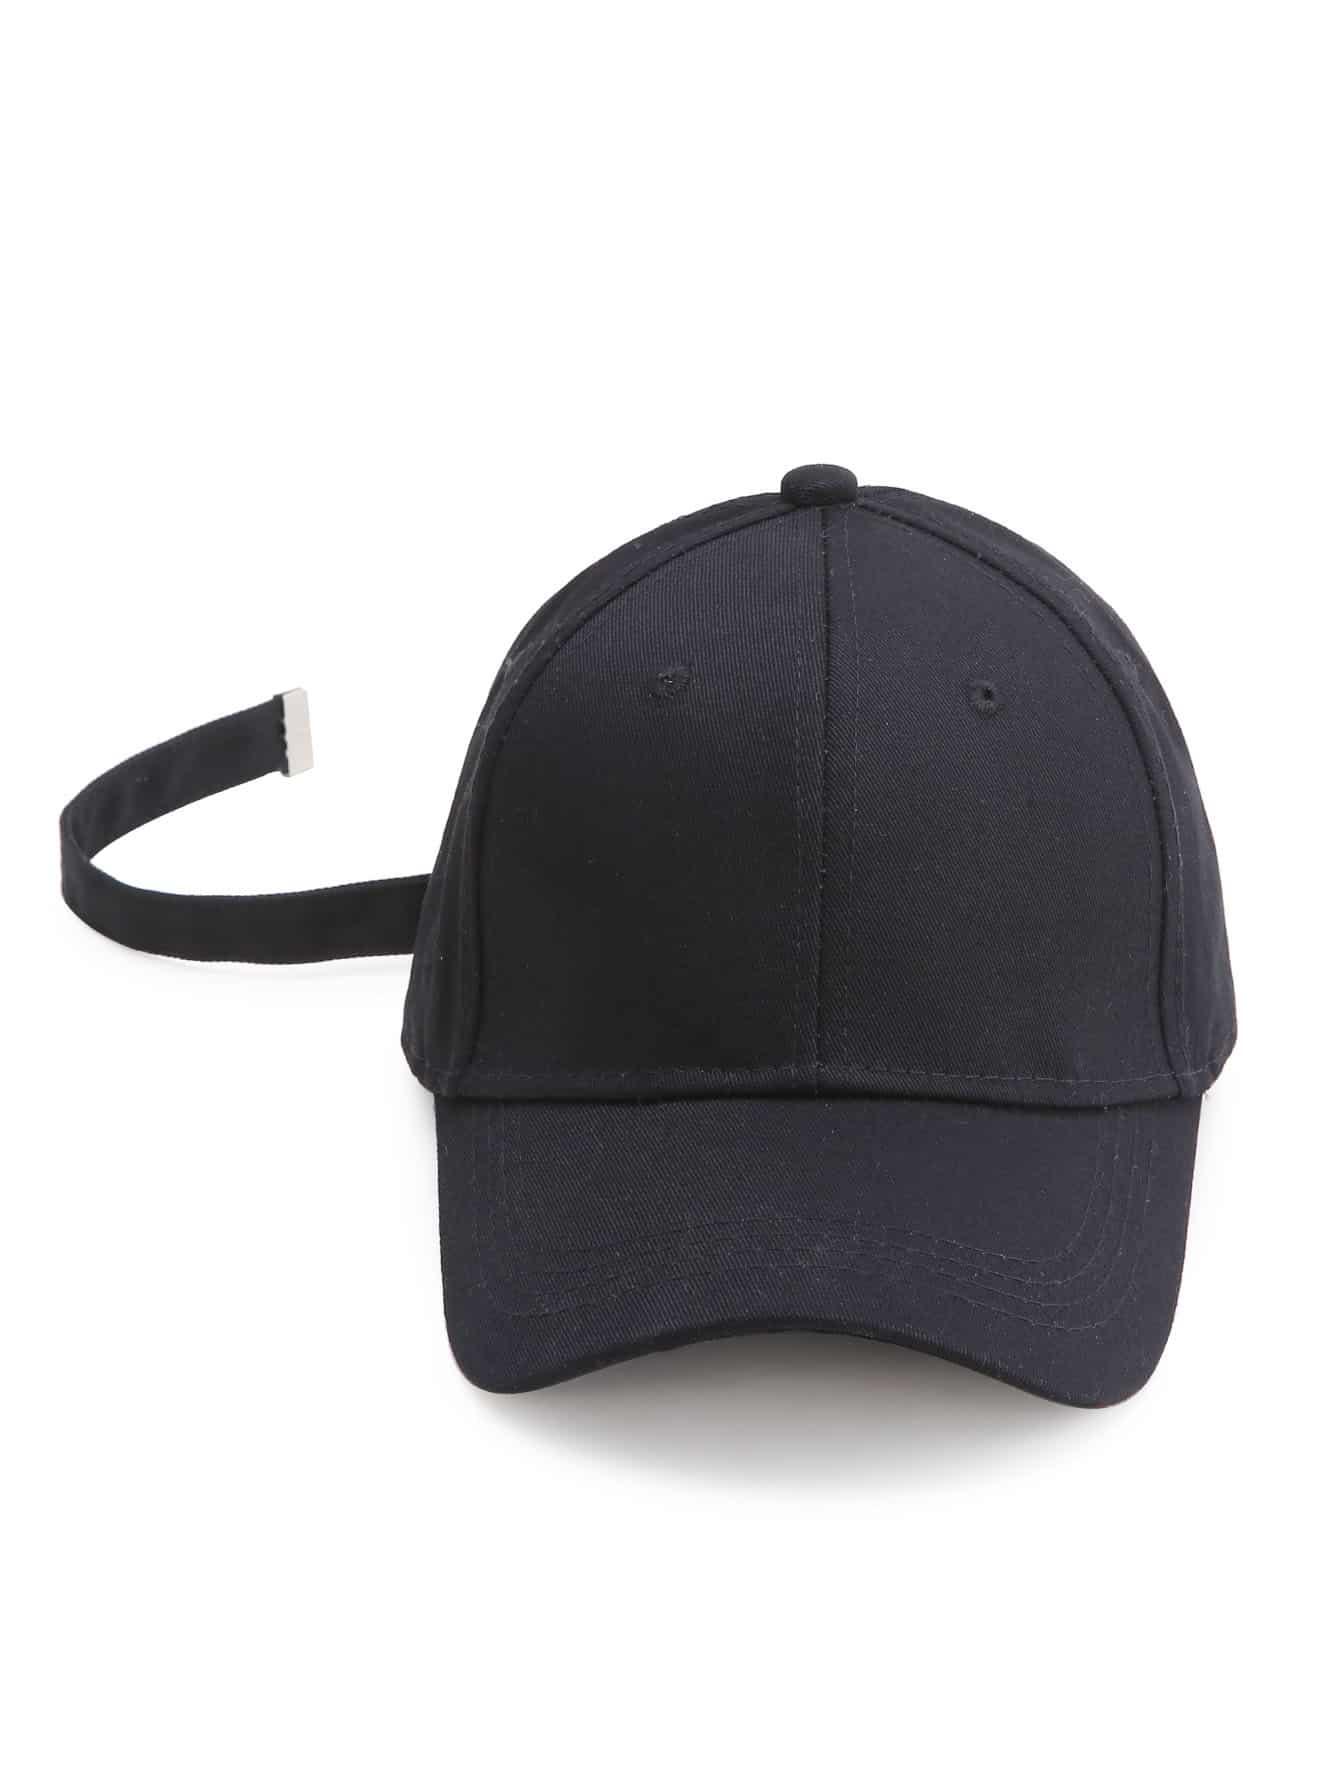 Фото Black Baseball Cap With Strap. Купить с доставкой